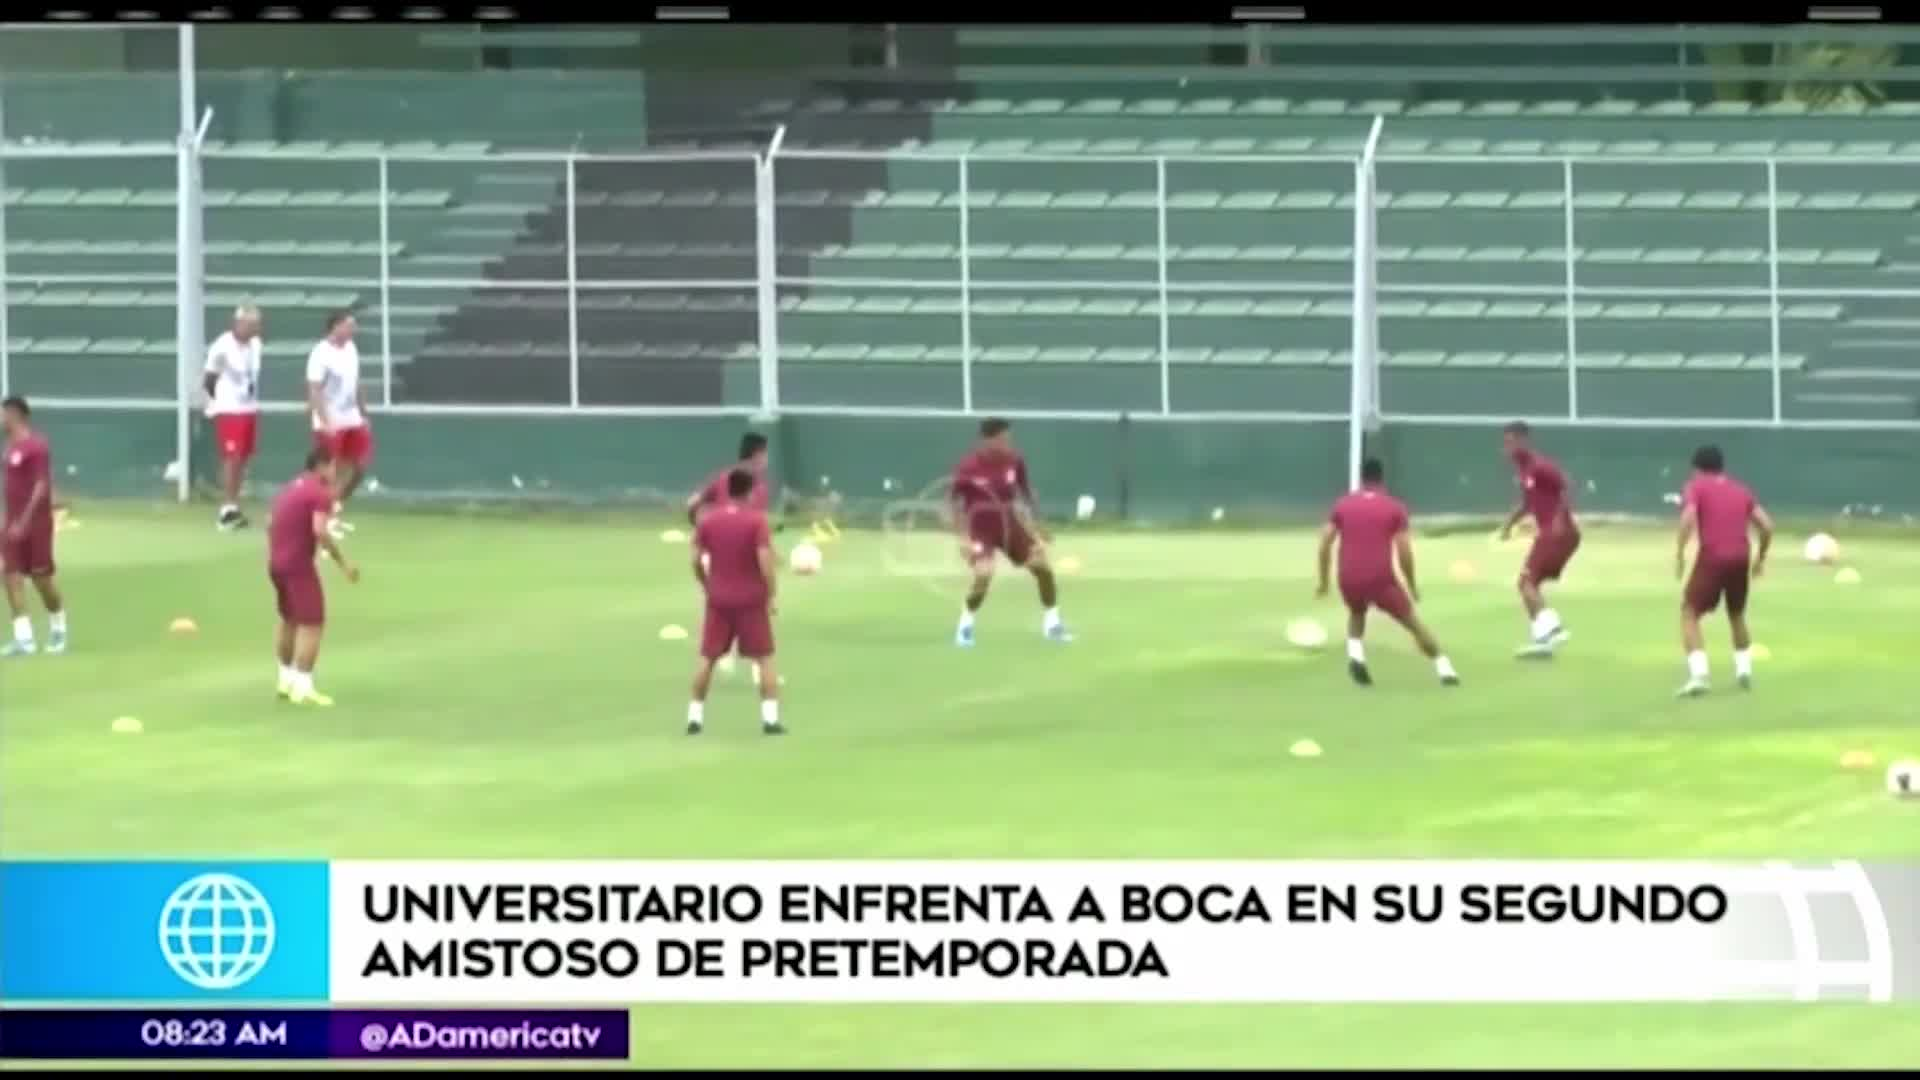 Universitario de Deportes terminó su último entrenamiento para enfrentar a Boca Juniors